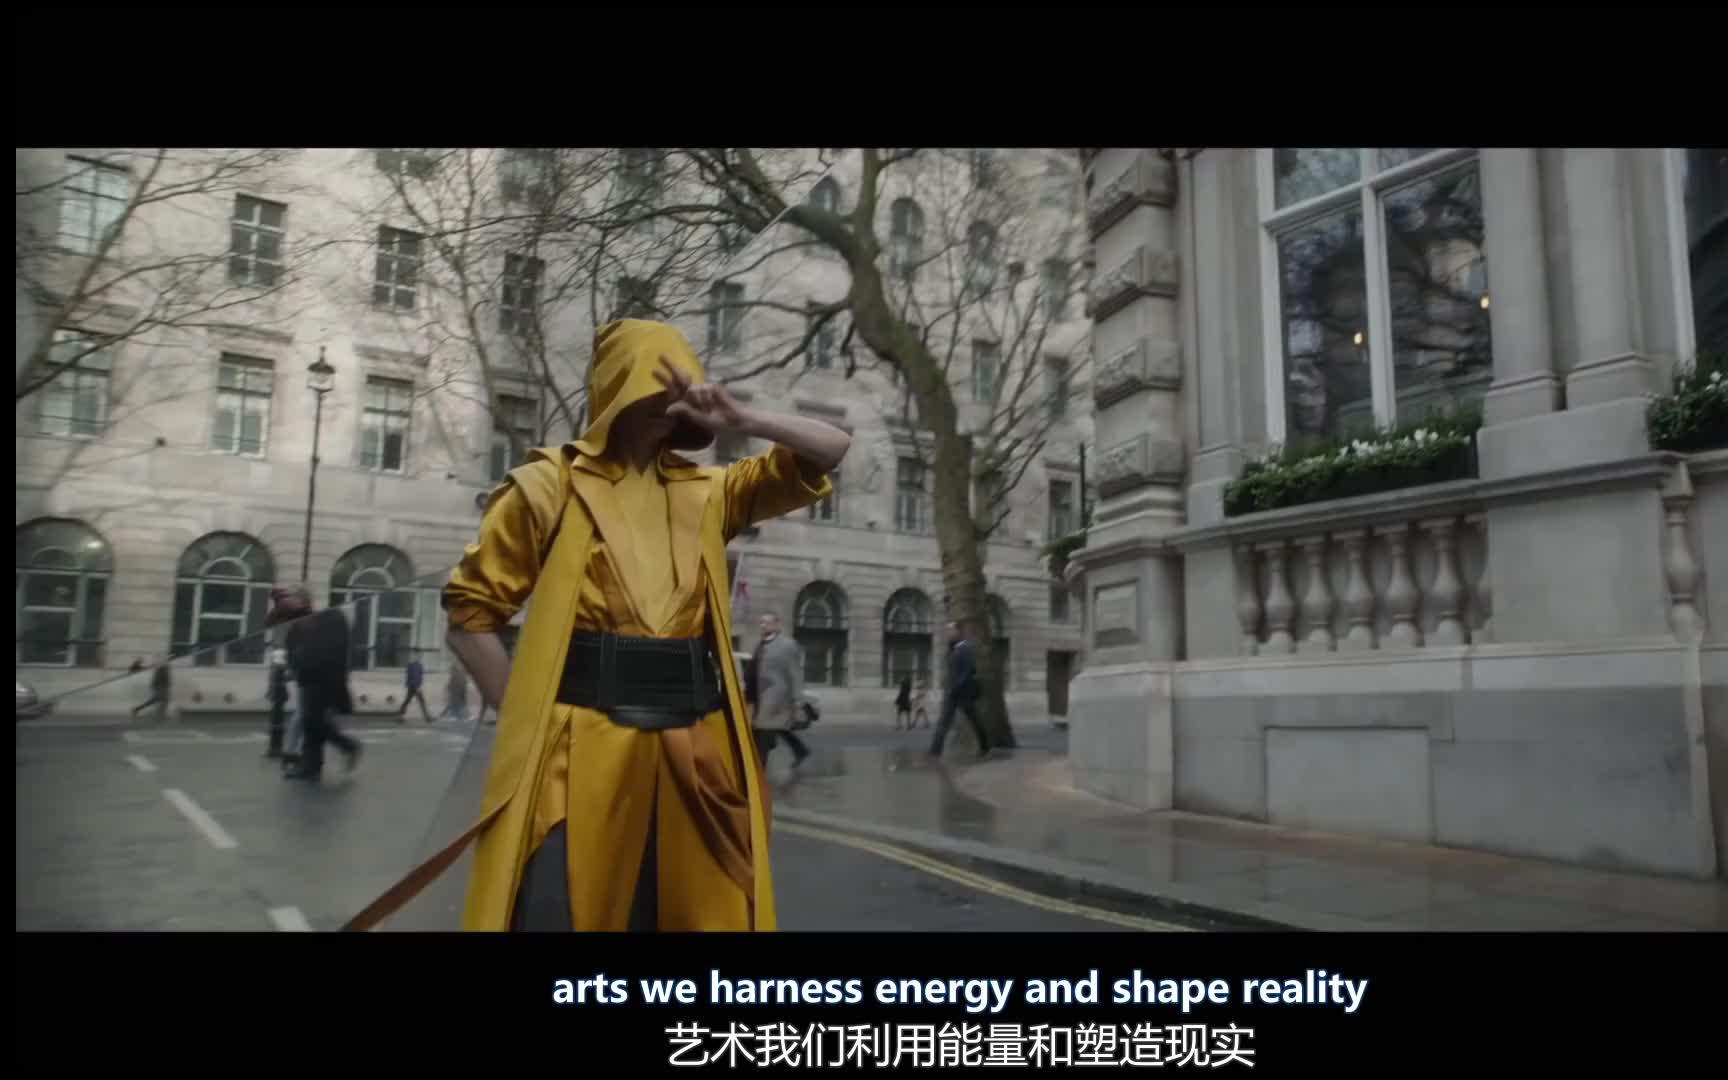 华为和漫威合拍的广告《和华为一起探索漫威魔法世界》